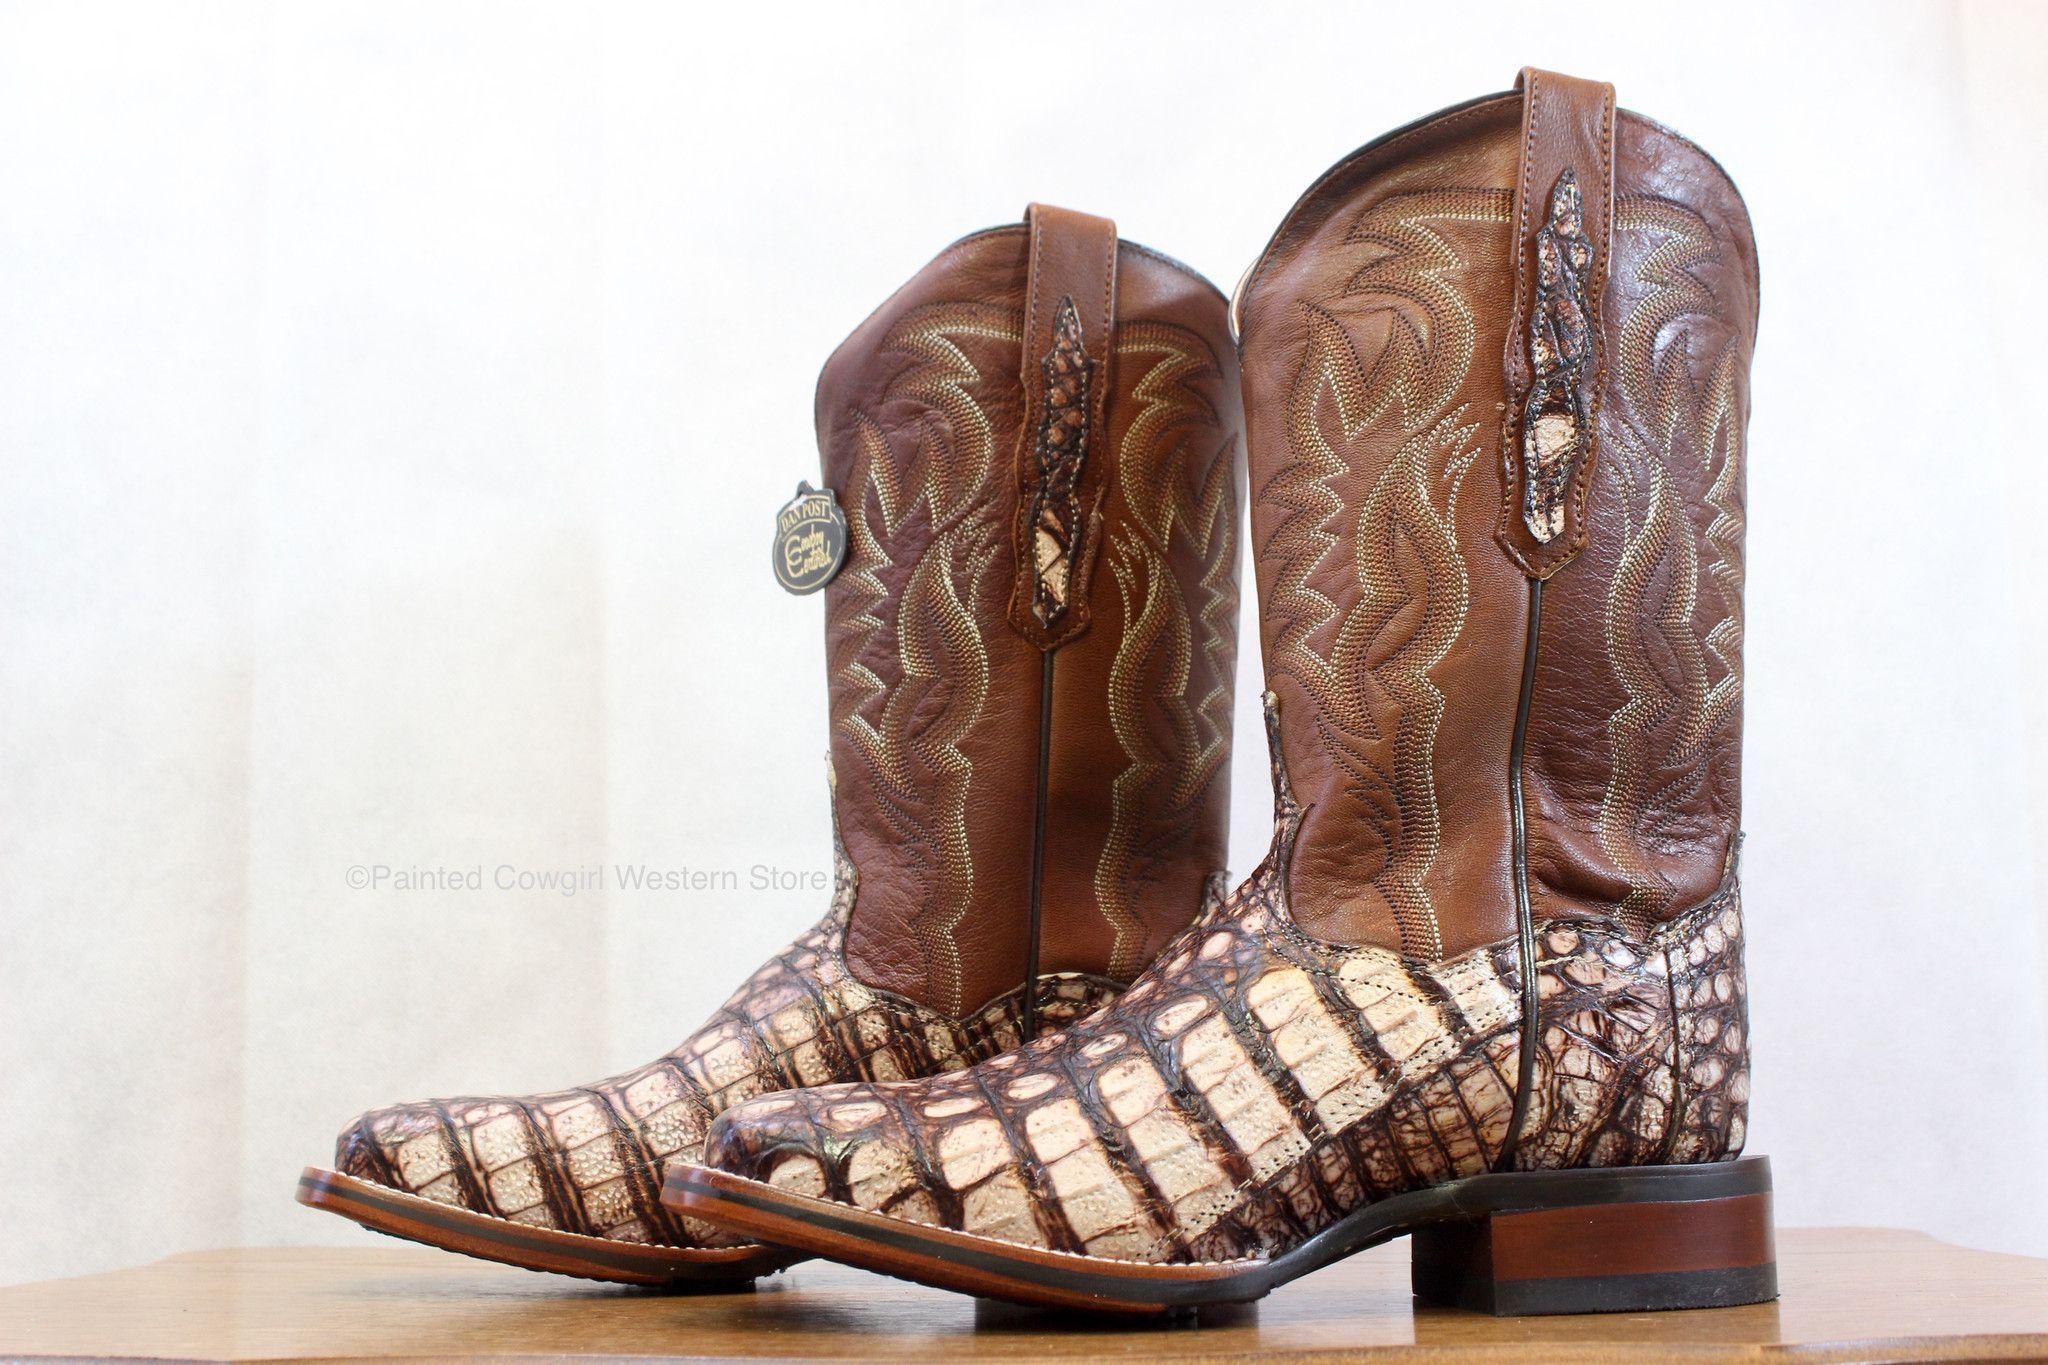 442630da71d Dan Post Cowboy Certified Women's Camel Everglades Flank Caiman ...